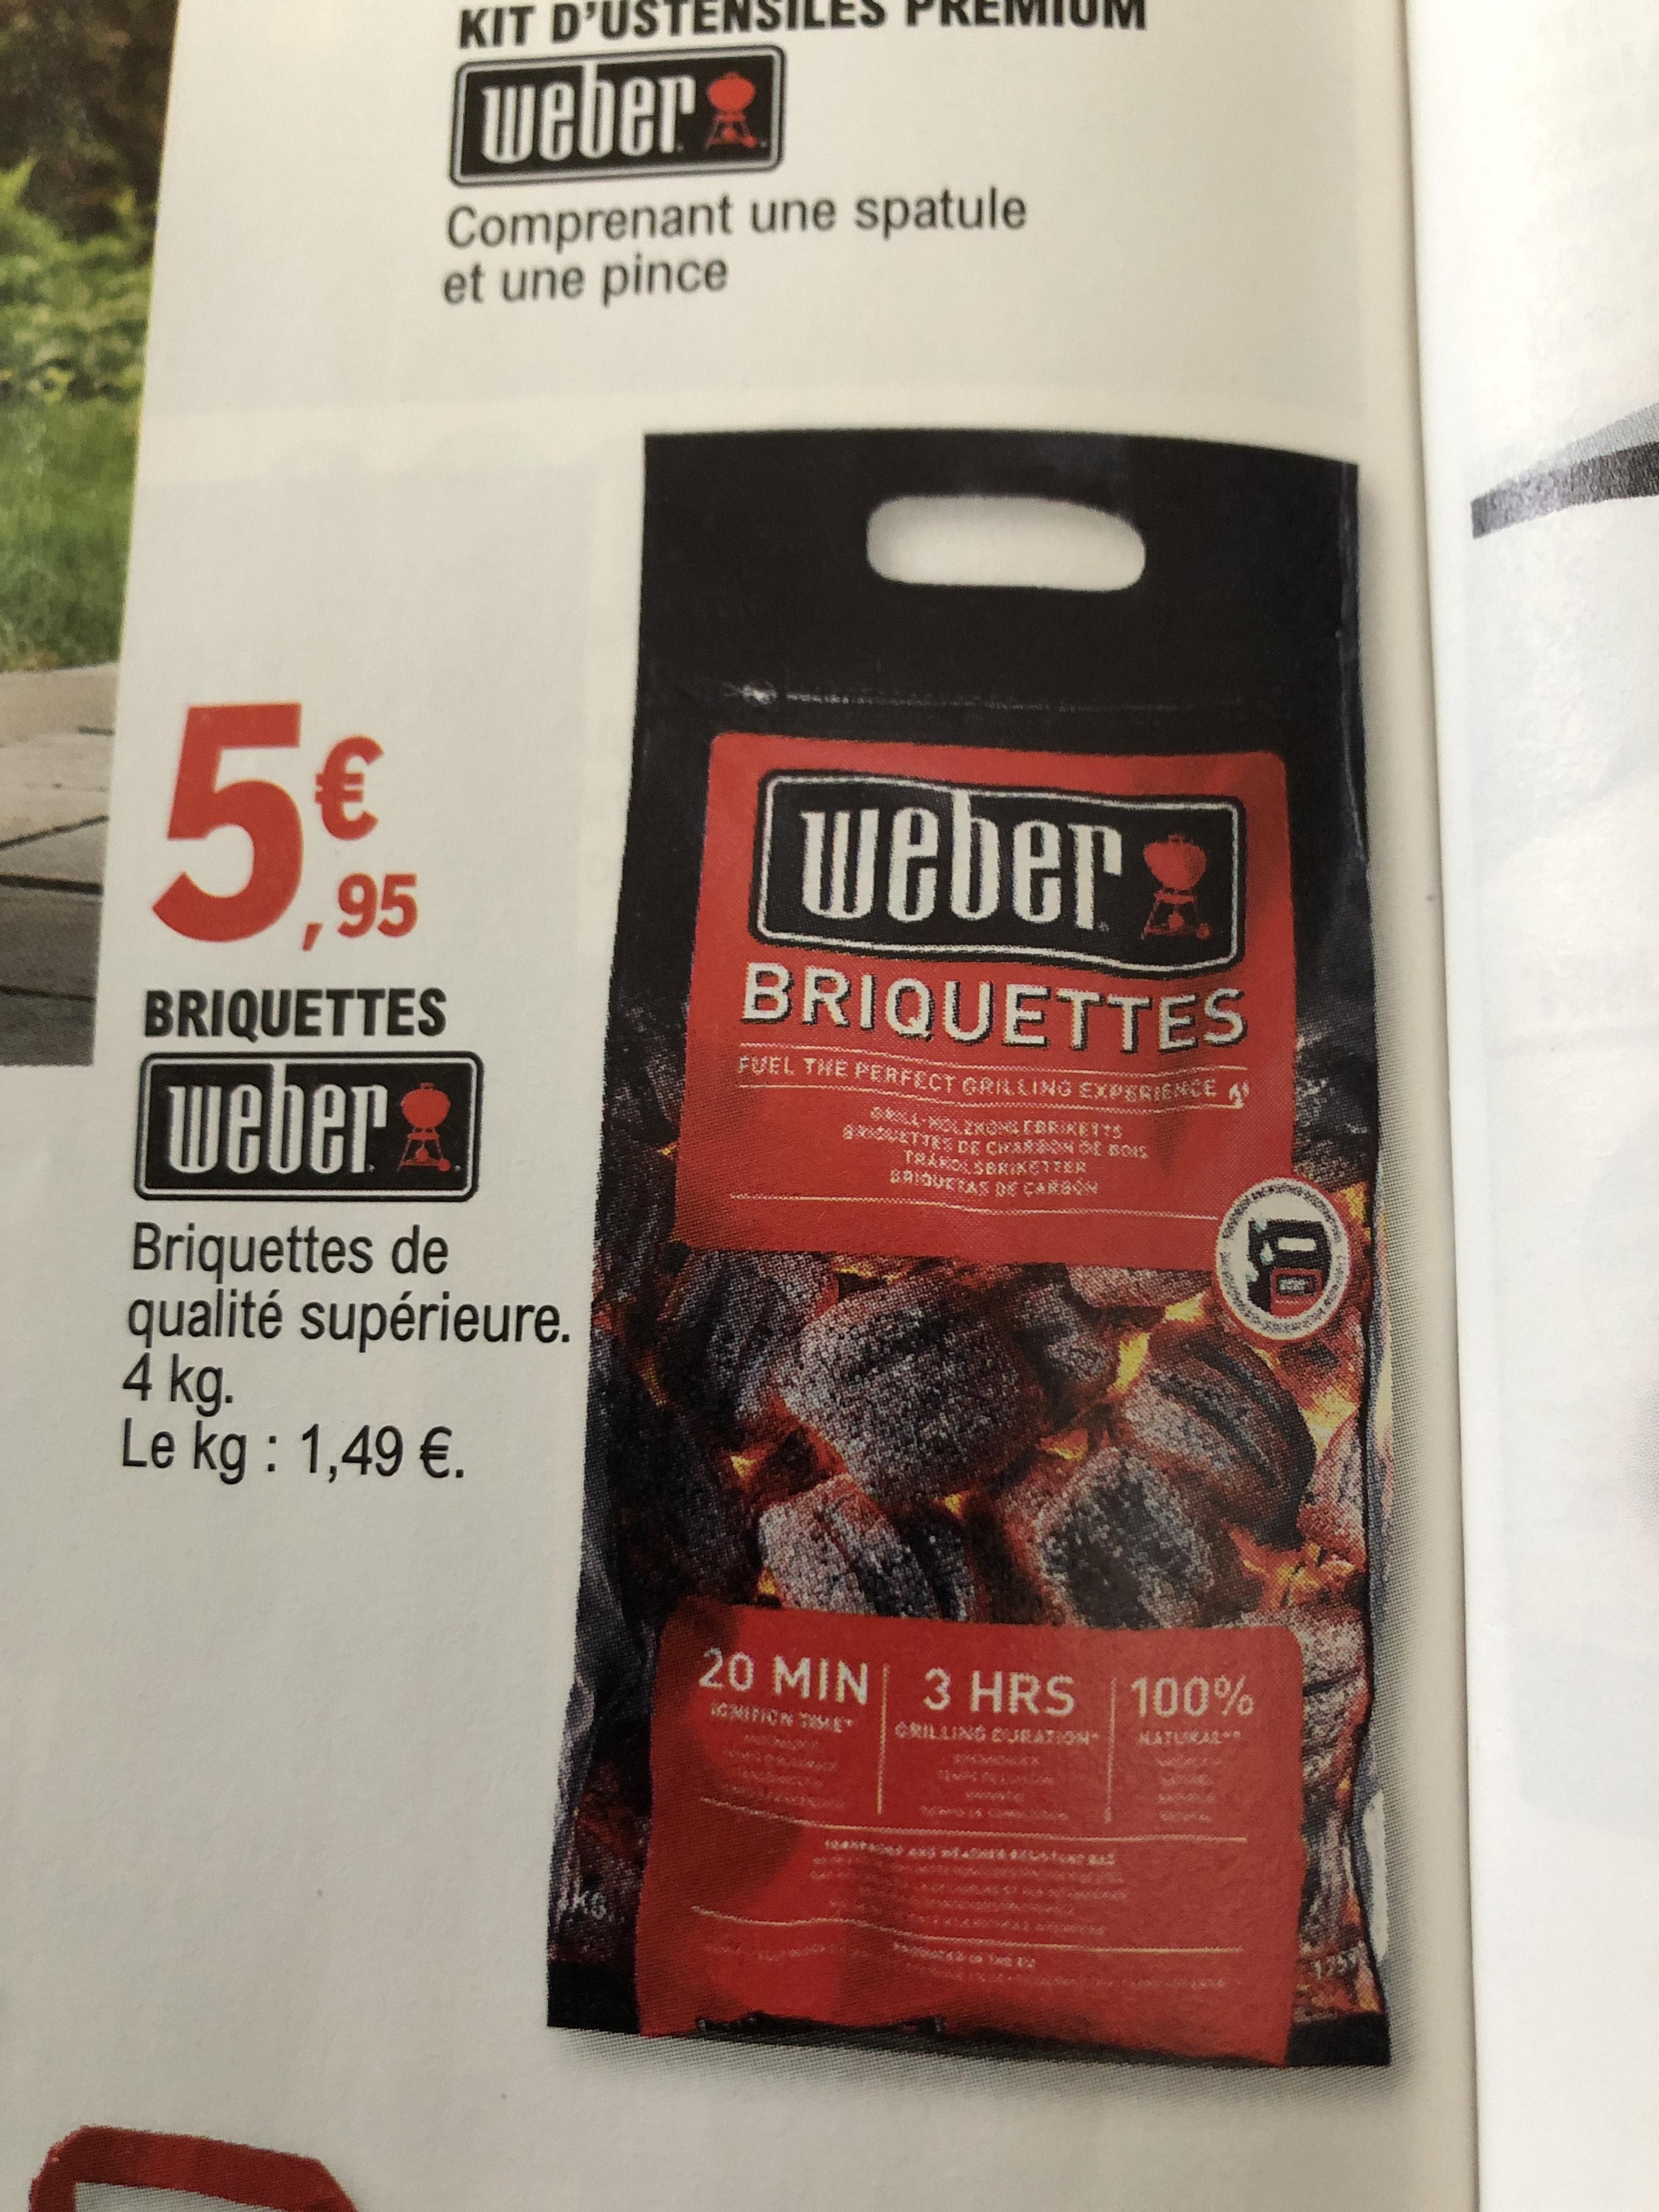 Briquettes Weber de qualité supérieure, 4kgs - Geispolsheim (67)